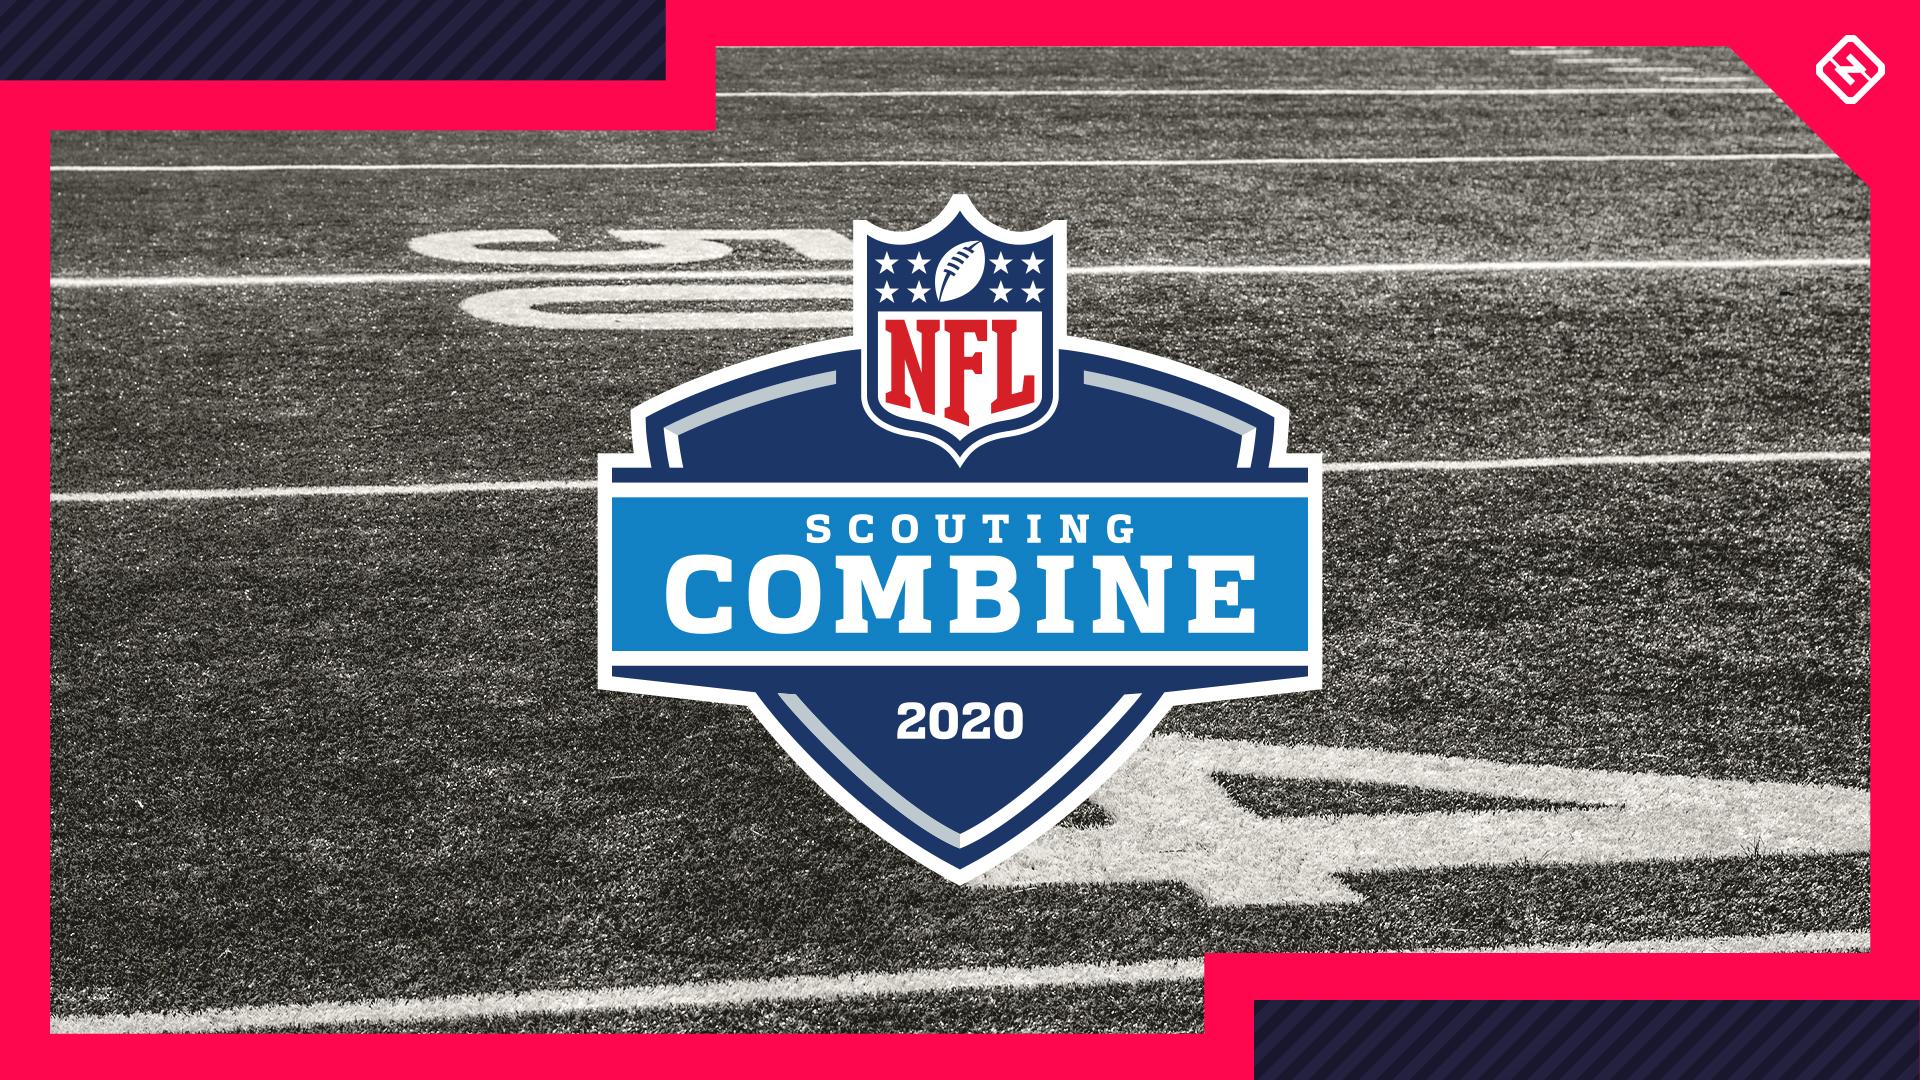 NFL Combine invita a 2020: Lista de participantes, tiempos de entrenamiento y más 2